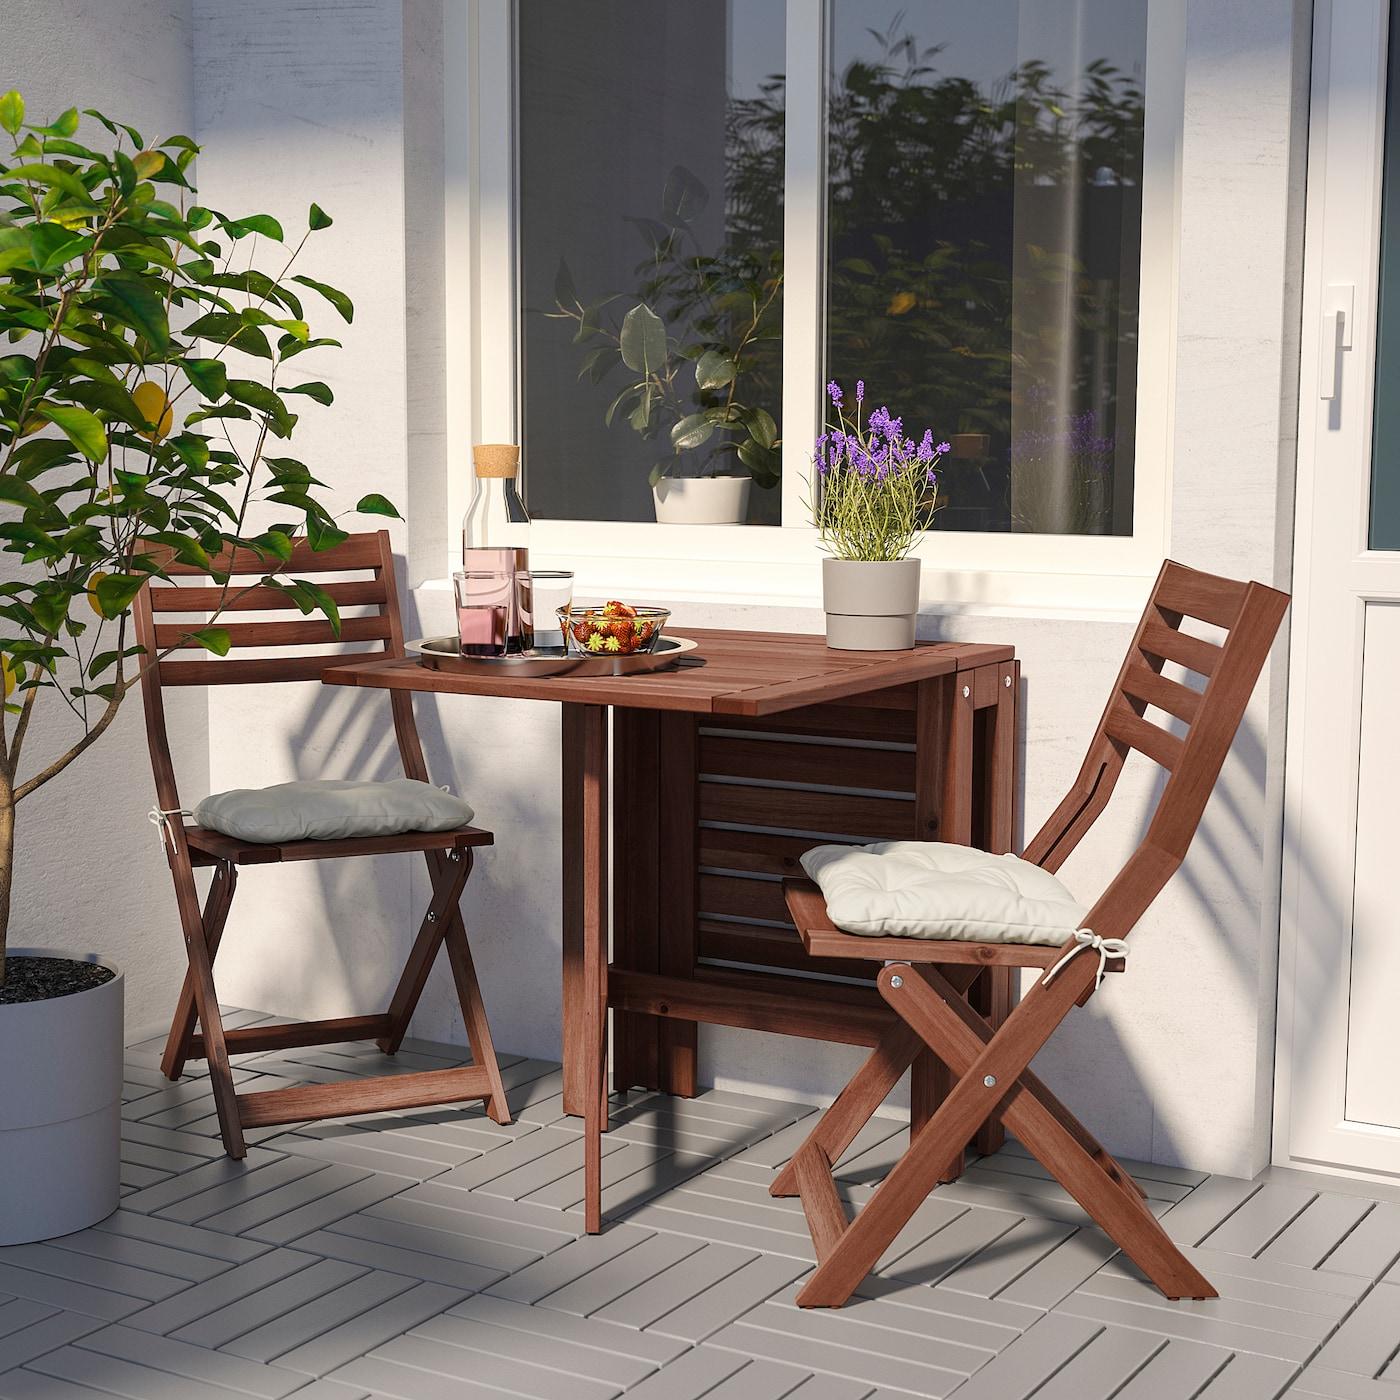 """ÄPPLARÖ Gateleg table, outdoor, brown stained, 7 7/8/30 3/8/52 3/8x24 3/8 """""""